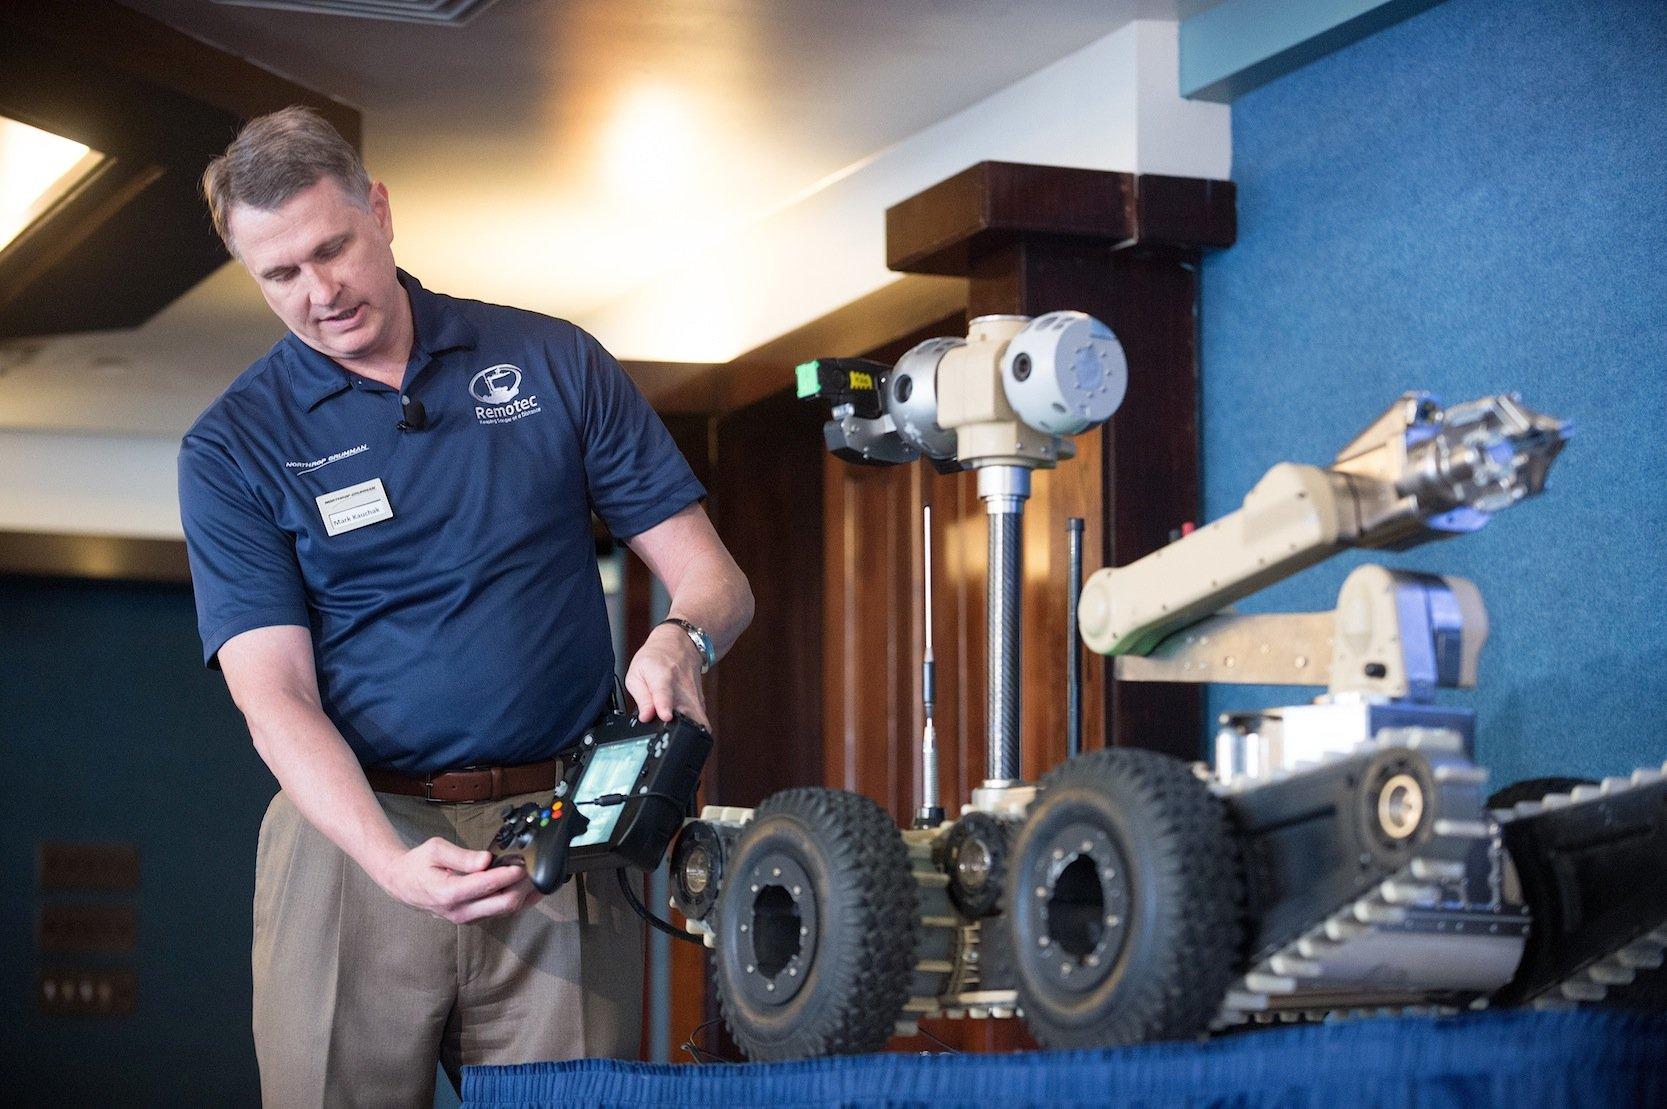 Präsentation des Roboters Titus auf einer Pressekonferenz 2012 in Washington: Eigentlich sind diese Roboter vor allem konstruiert, um in gefährlichen Umgebungen zu operieren. Sie können beispielsweise Chemikalien oder Bomben bergen.